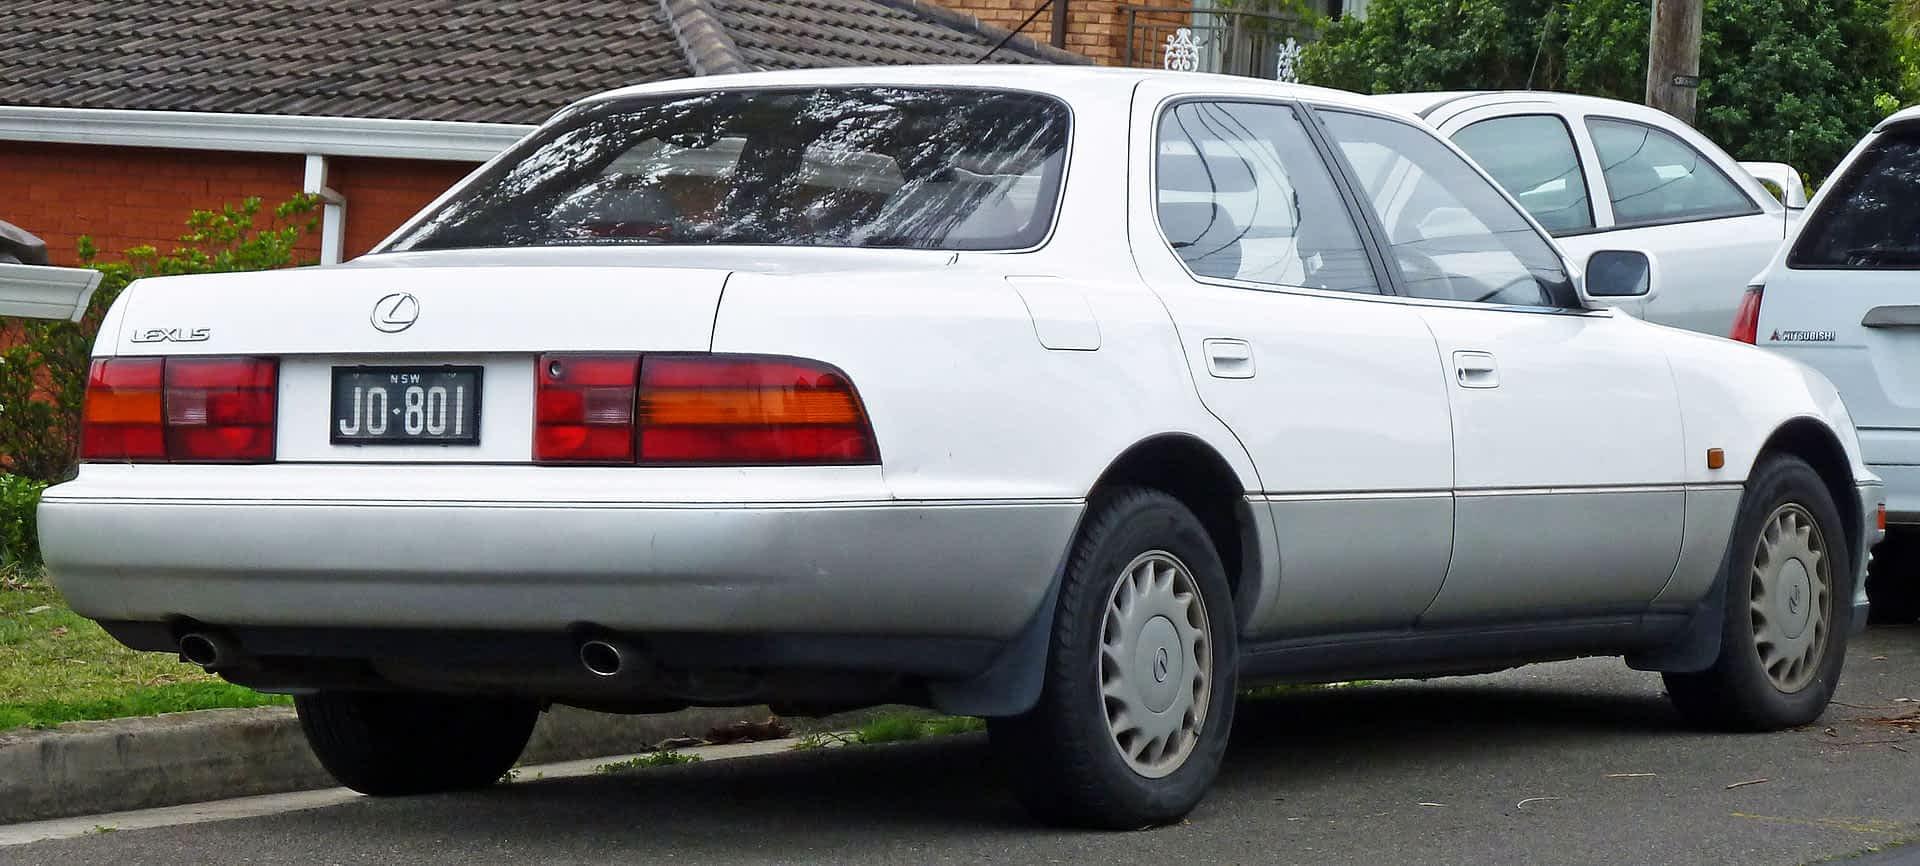 Lexus - Japanischen Automobilkonzern Toyota